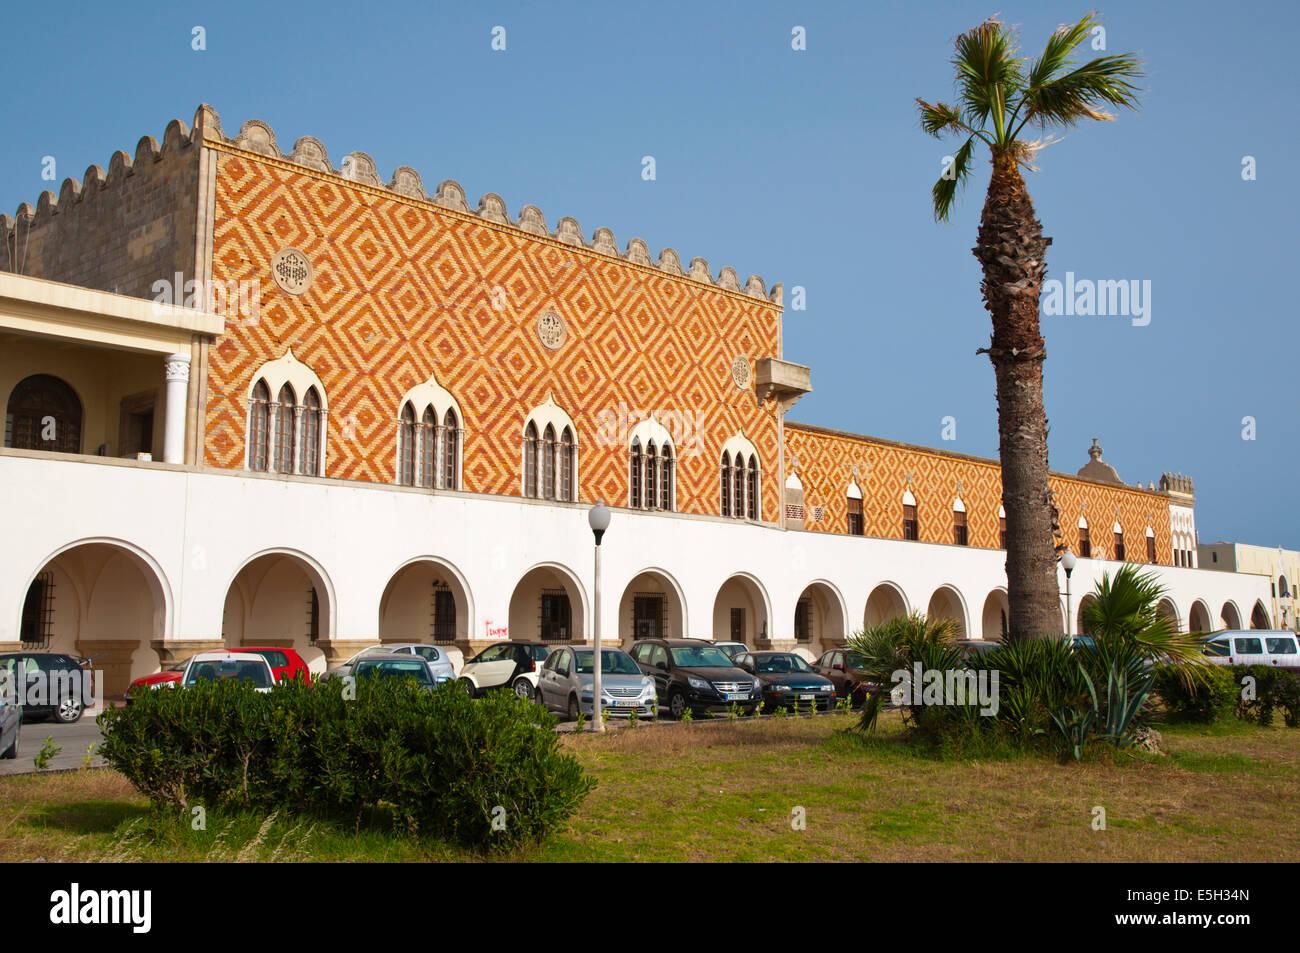 Palazzo del Goverdo Rodi, Prefectura de oficinas, arquitectura fascista italiano, la ciudad nueva, la ciudad de Imagen De Stock